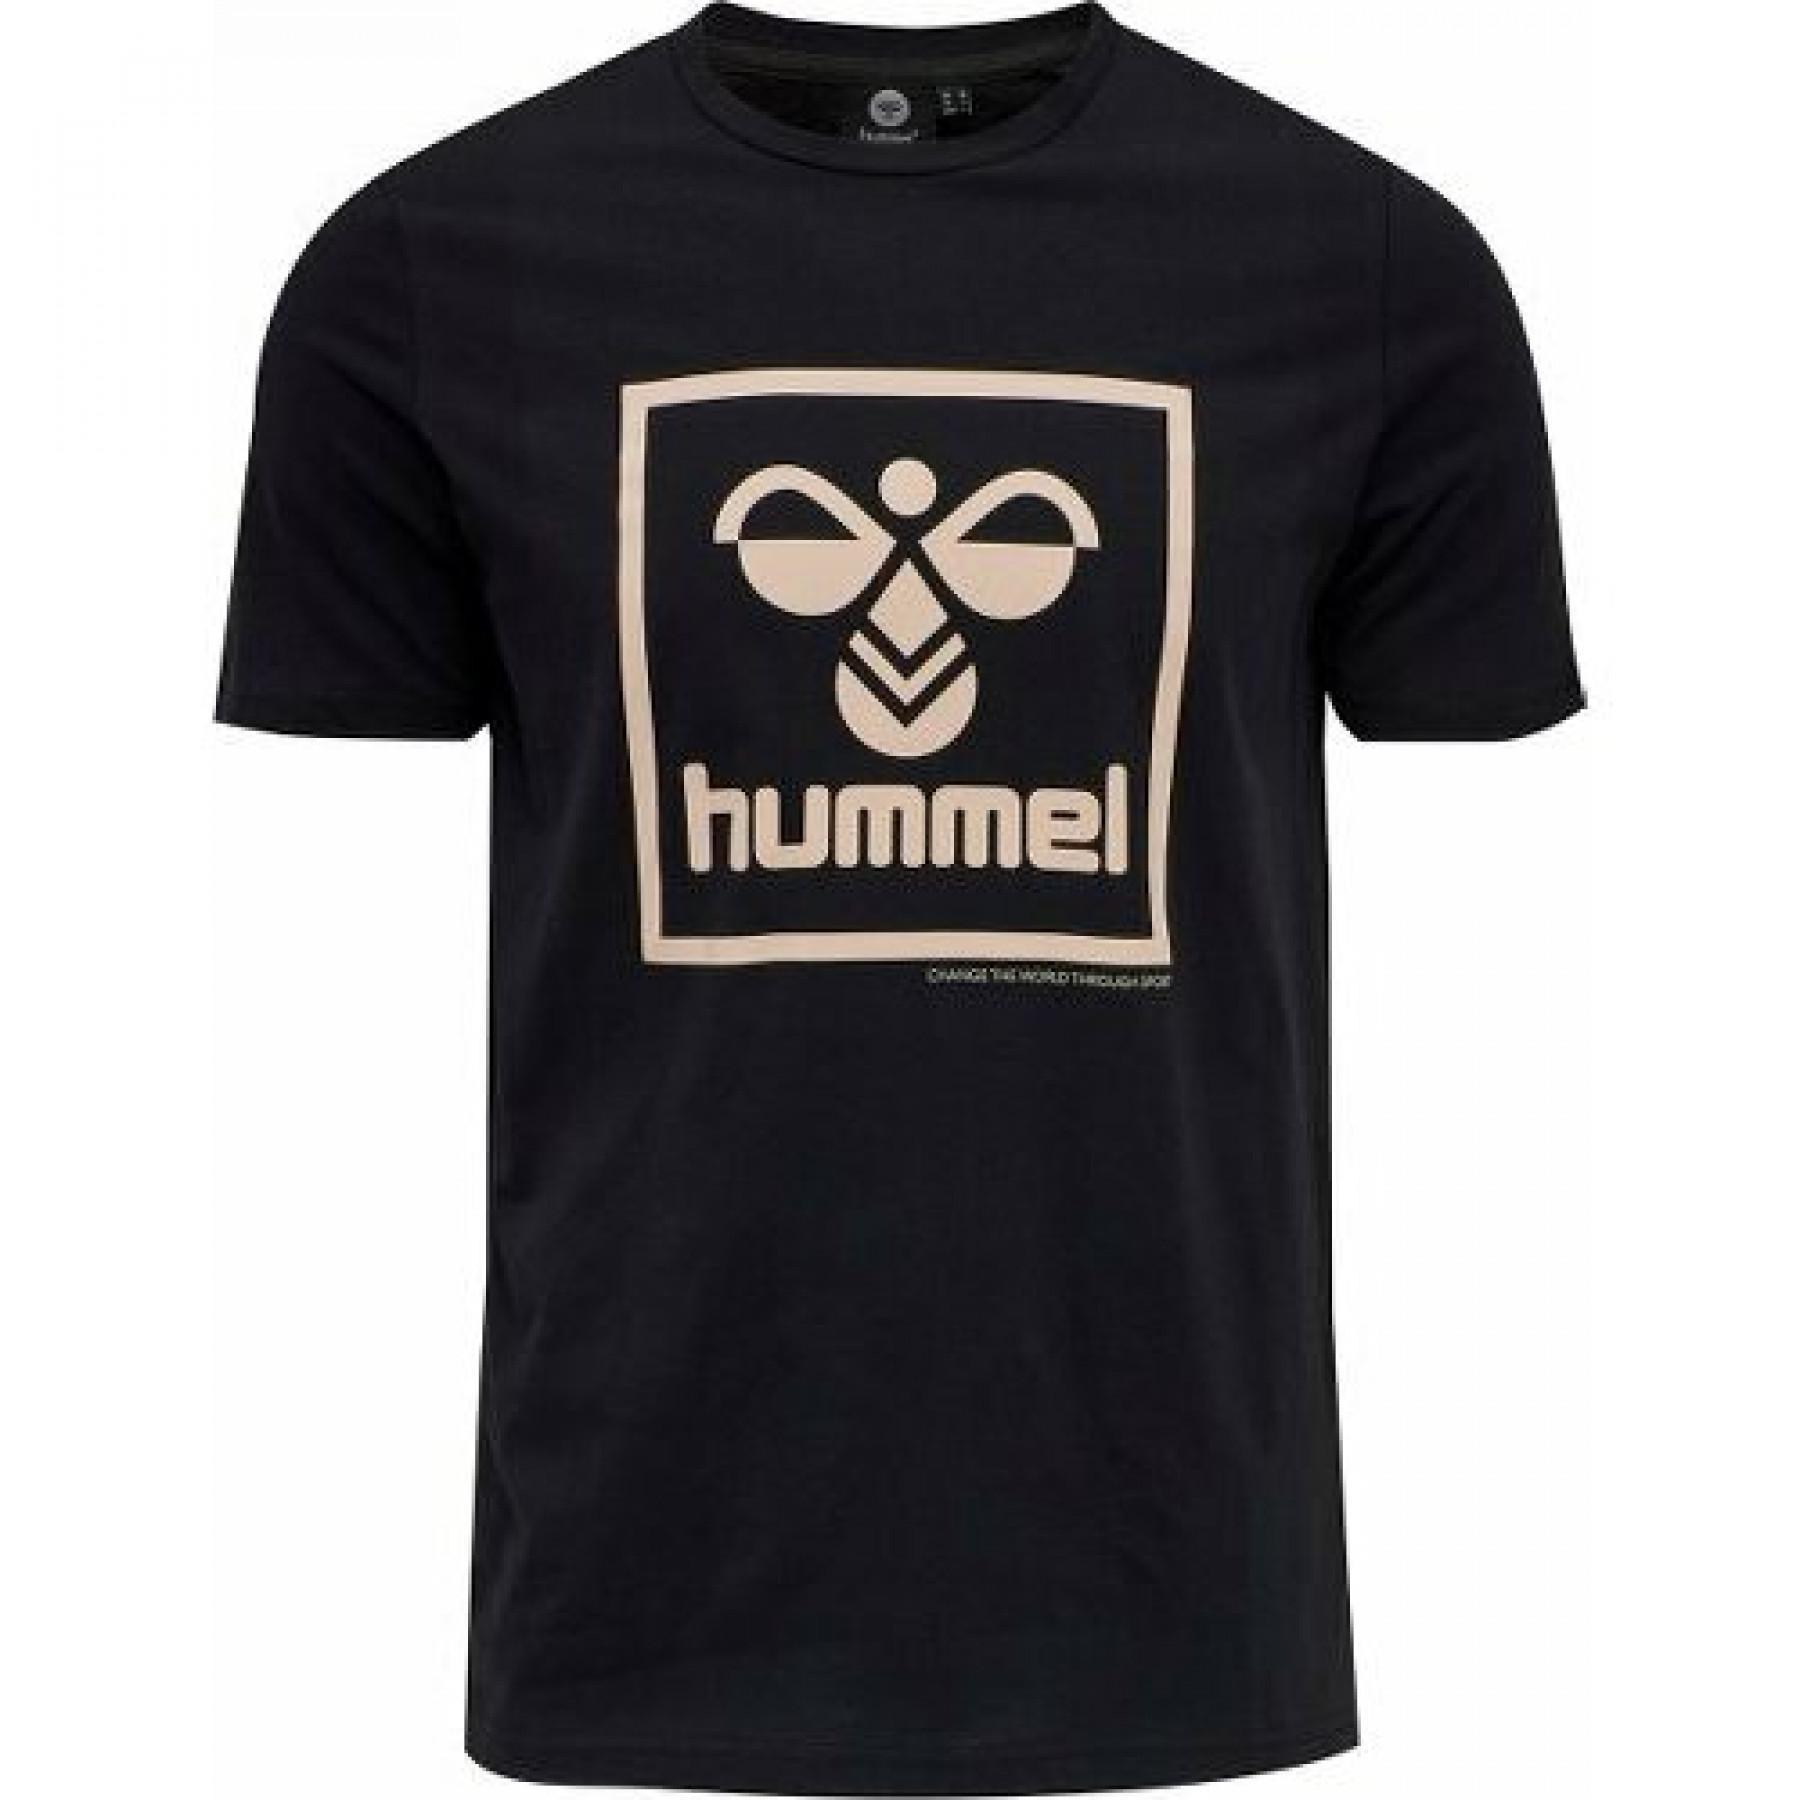 Hummel-T-Shirt mit kurzen Ärmeln